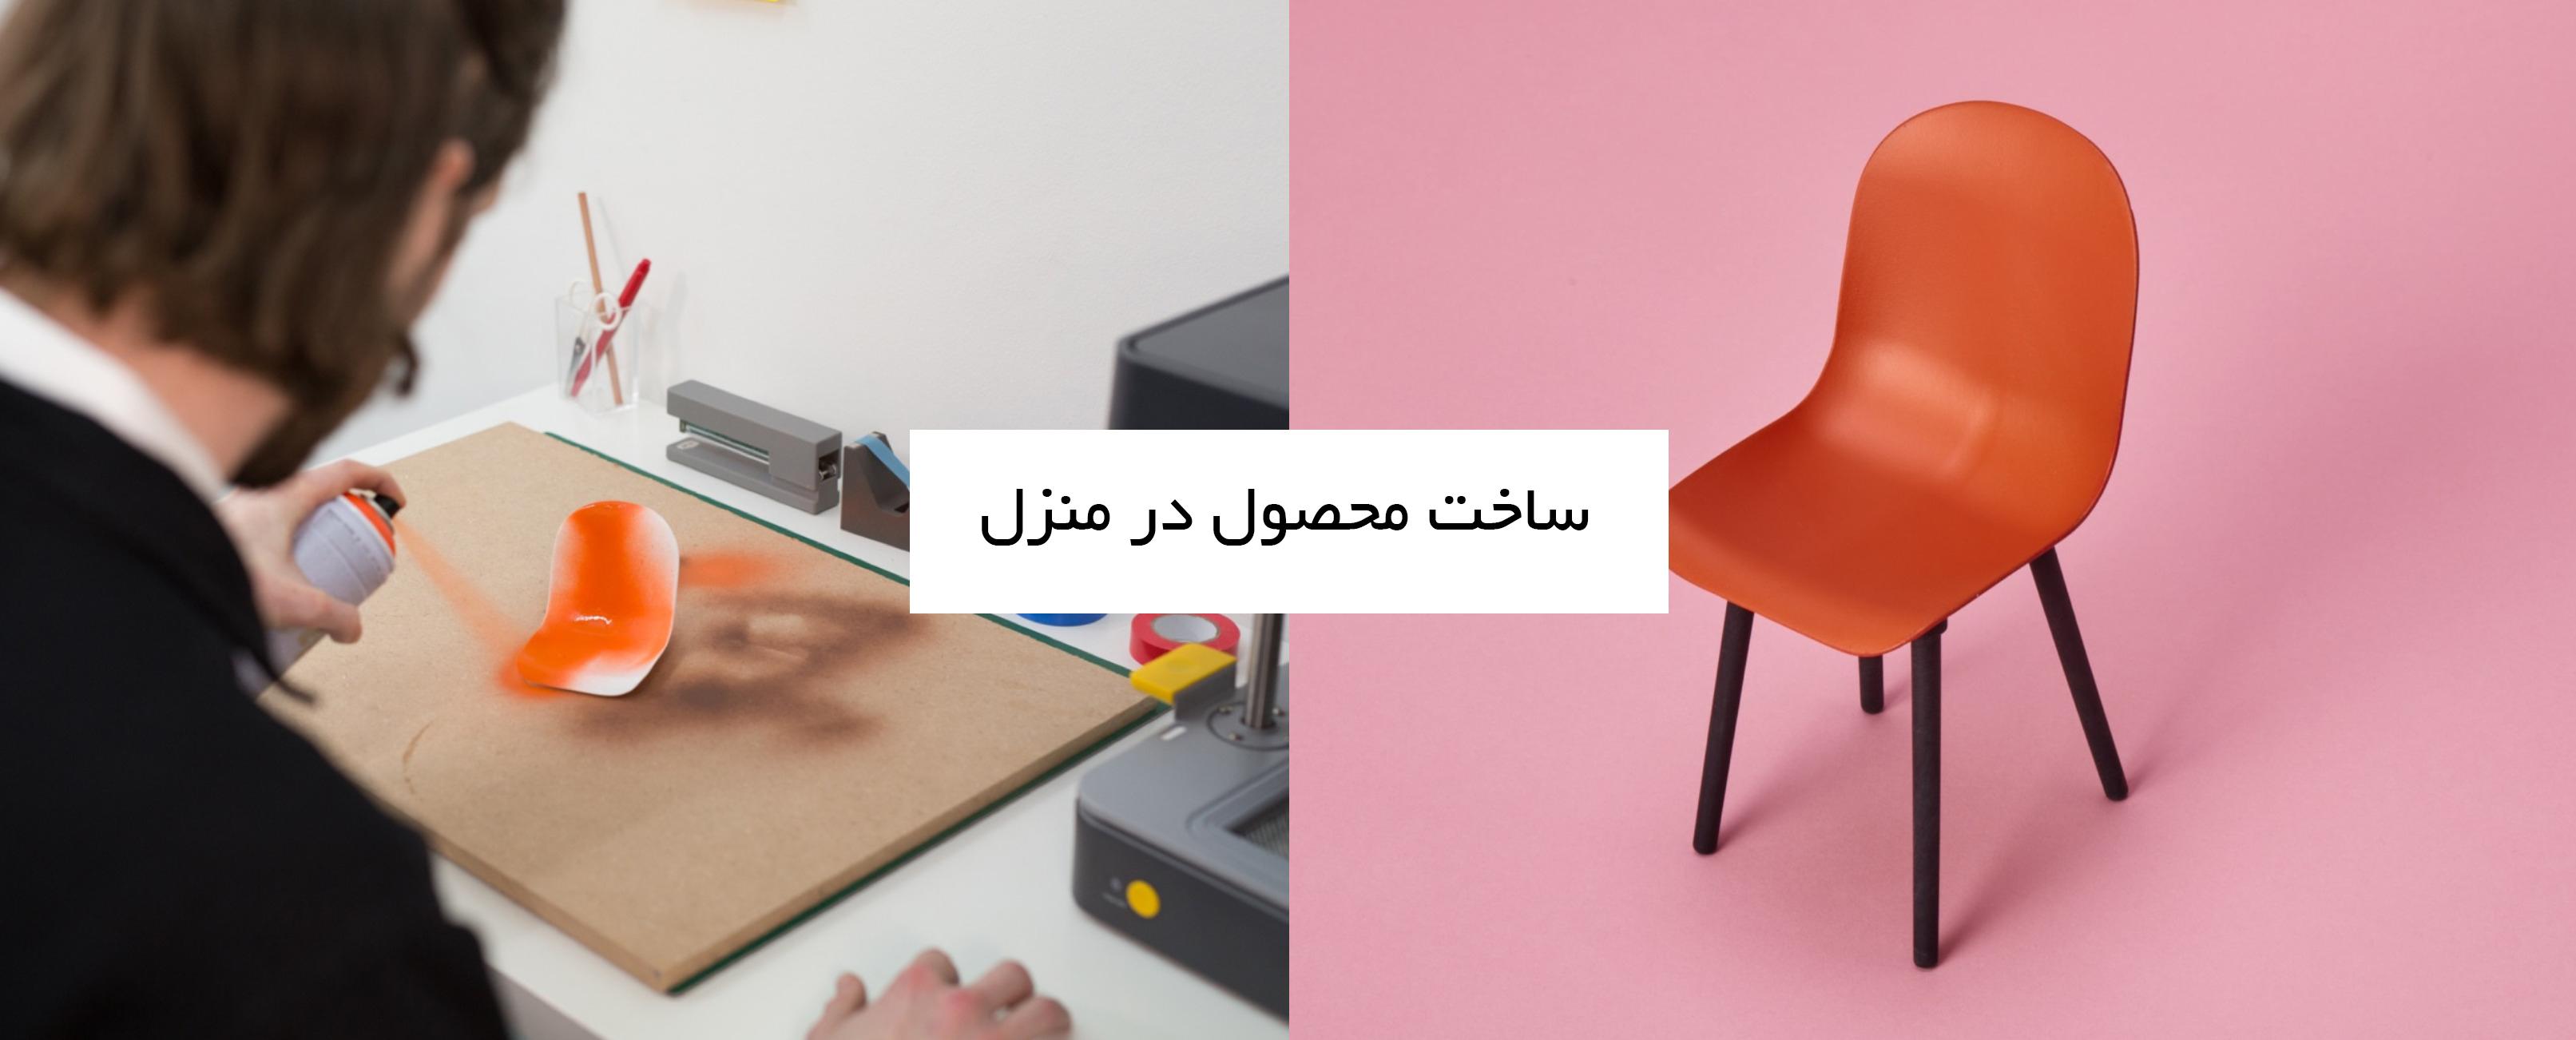 معرفی formbox دستگاه ساخت قالب از هر چیزی 5